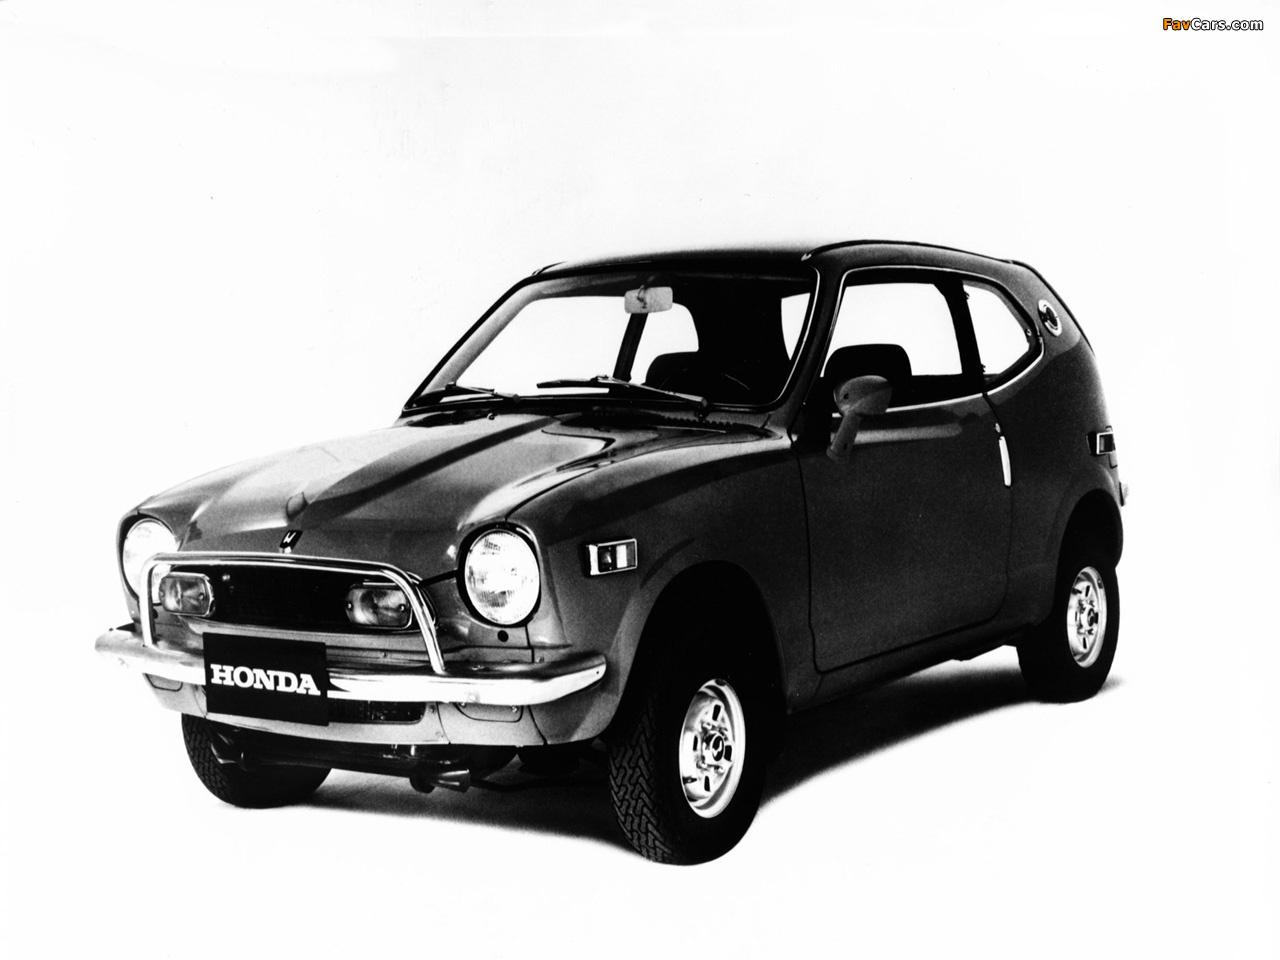 Honda AZ600 1971 wallpapers (1280 x 960)